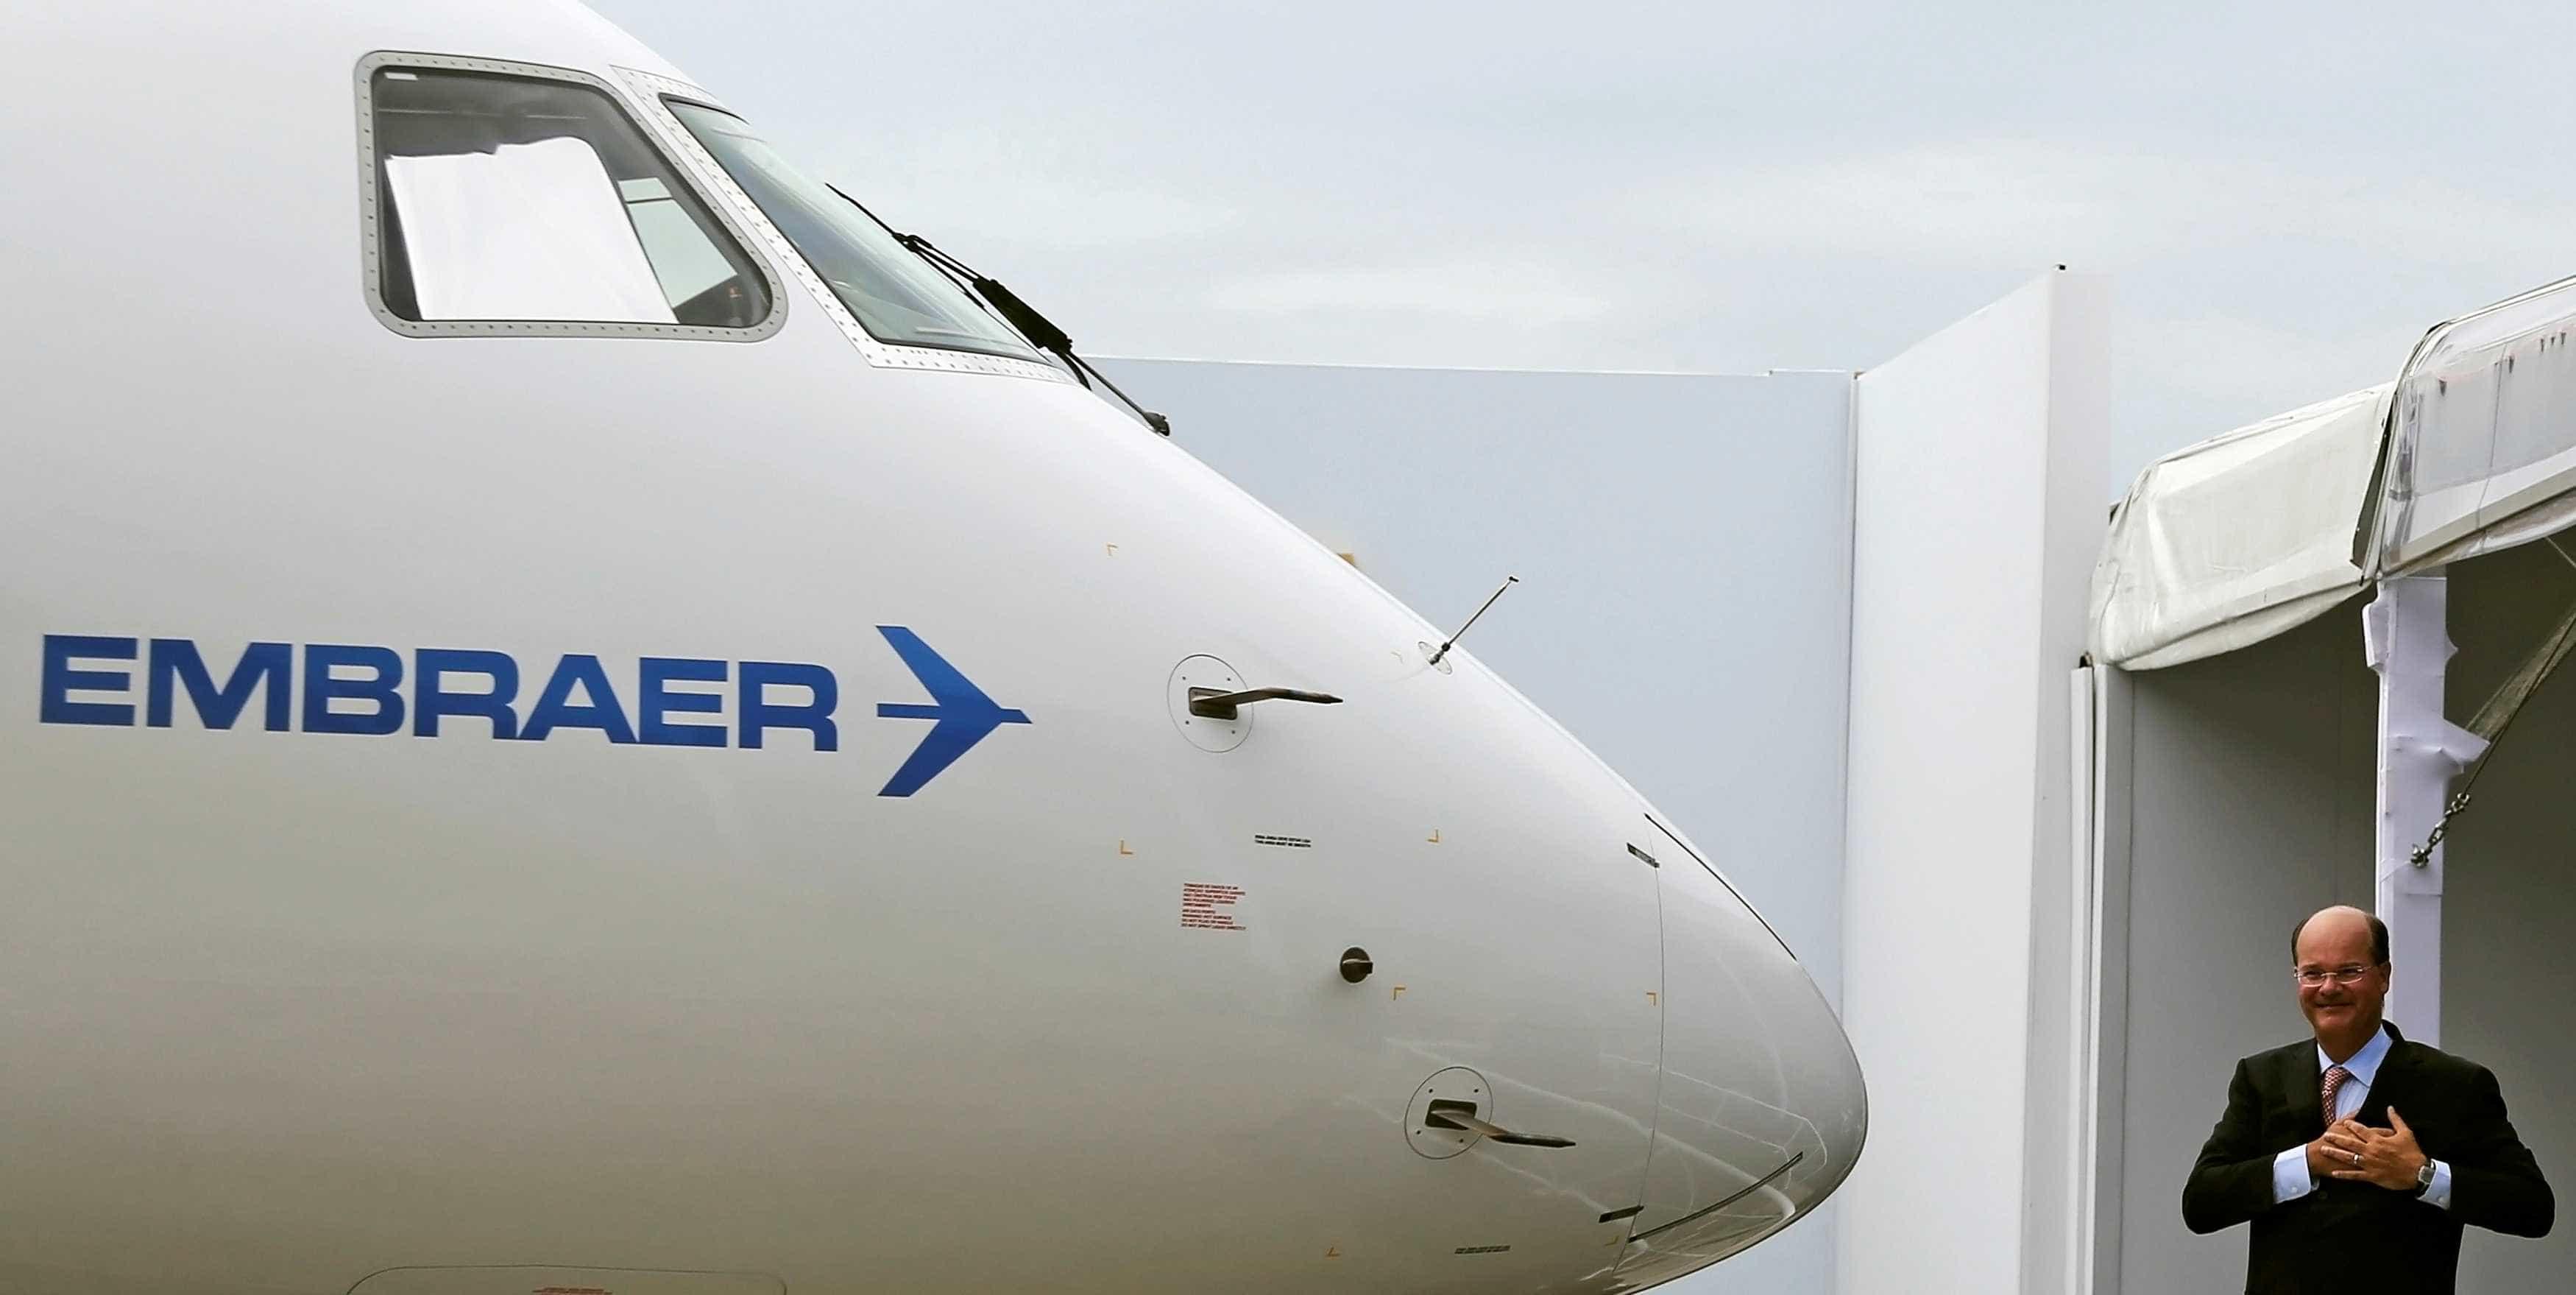 Fabricante de aeronaves Embraer anuncia que presidente vai deixar cargo